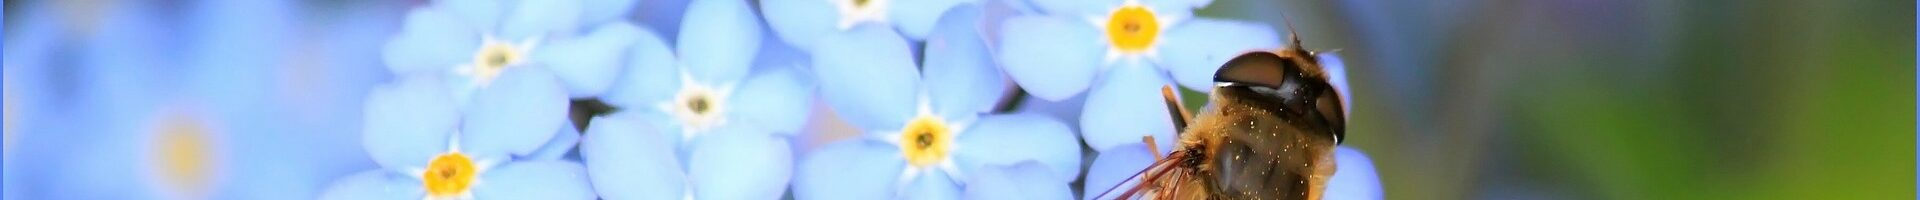 LandFrauen Weisweil -Bild mit Blüte und Biene